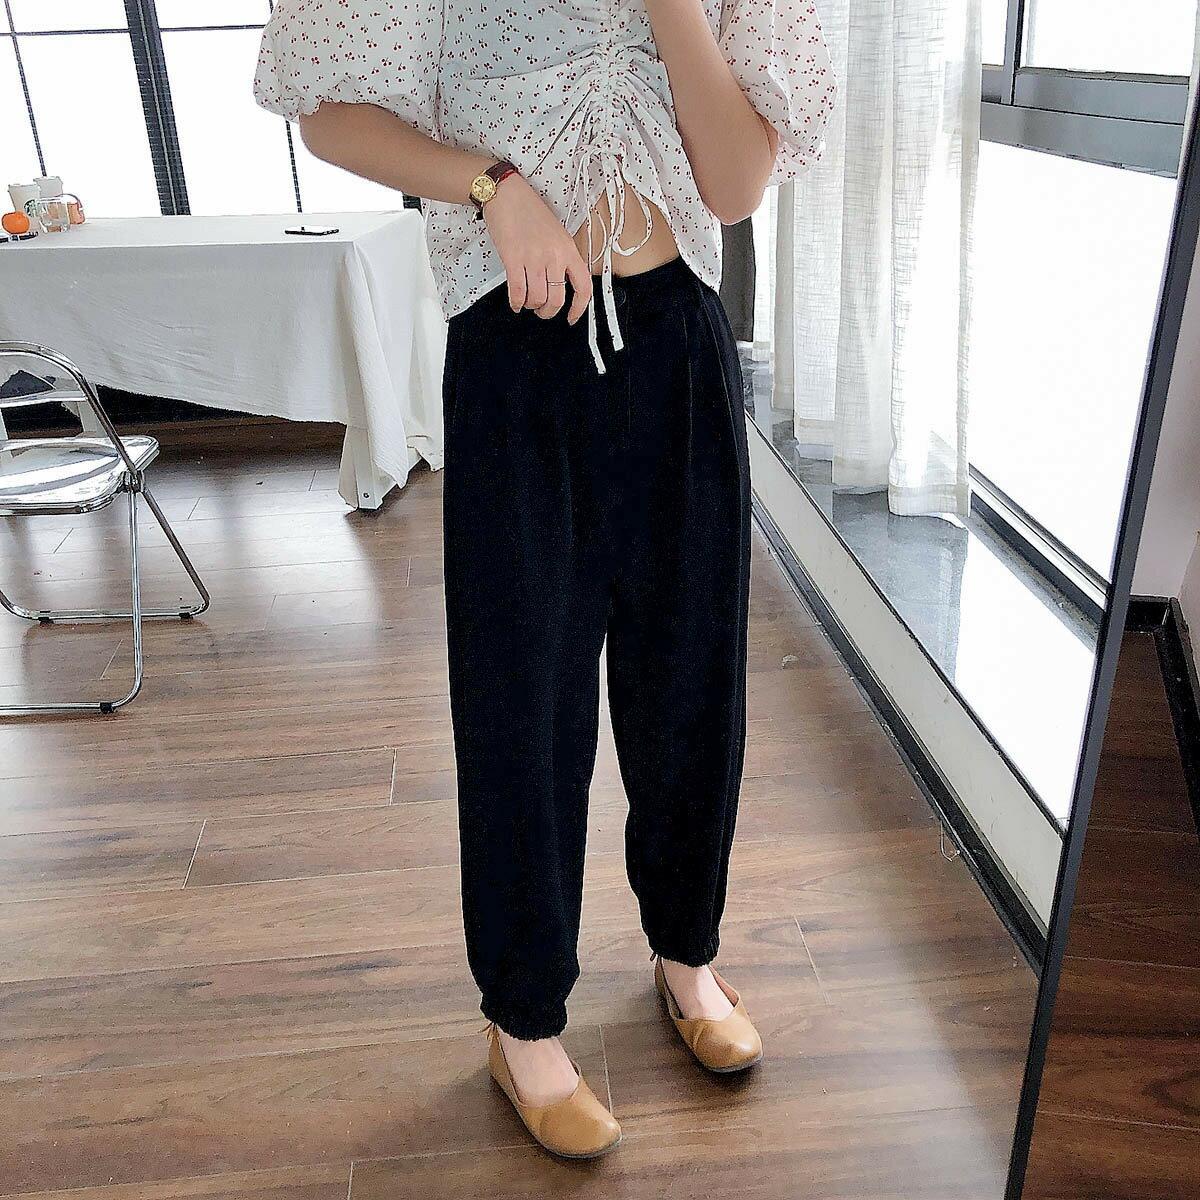 西裝哈倫褲女夏季高腰顯瘦束腳黑色學生時尚休閒褲子